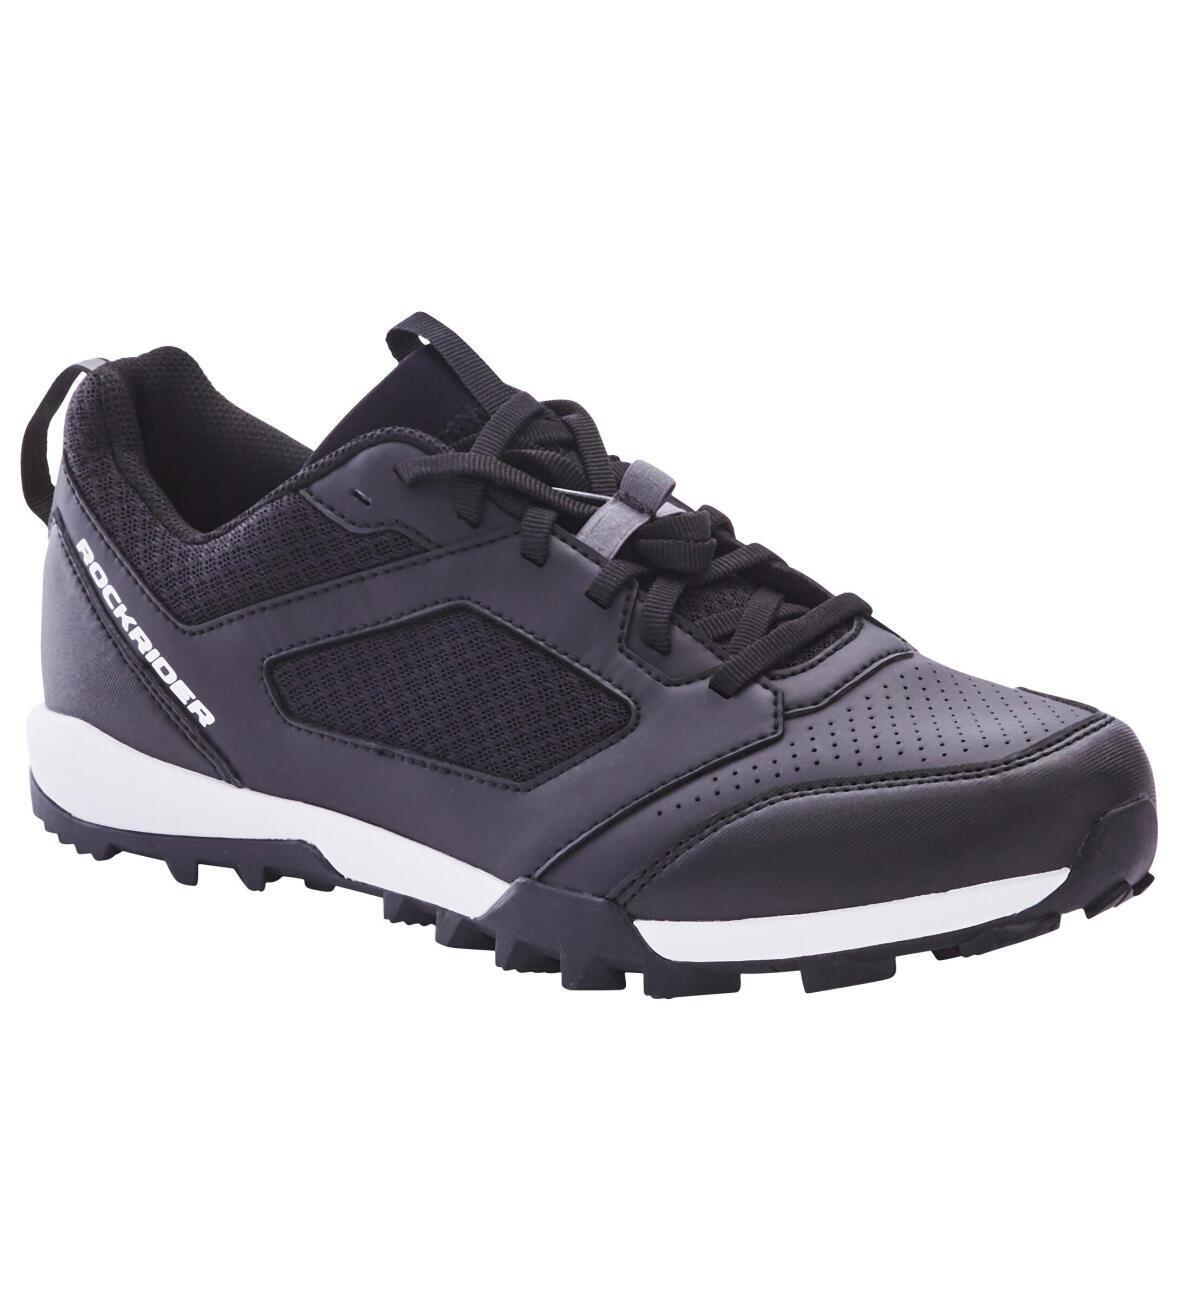 chaussures_vtt_rockrider_st_100_ 8512376